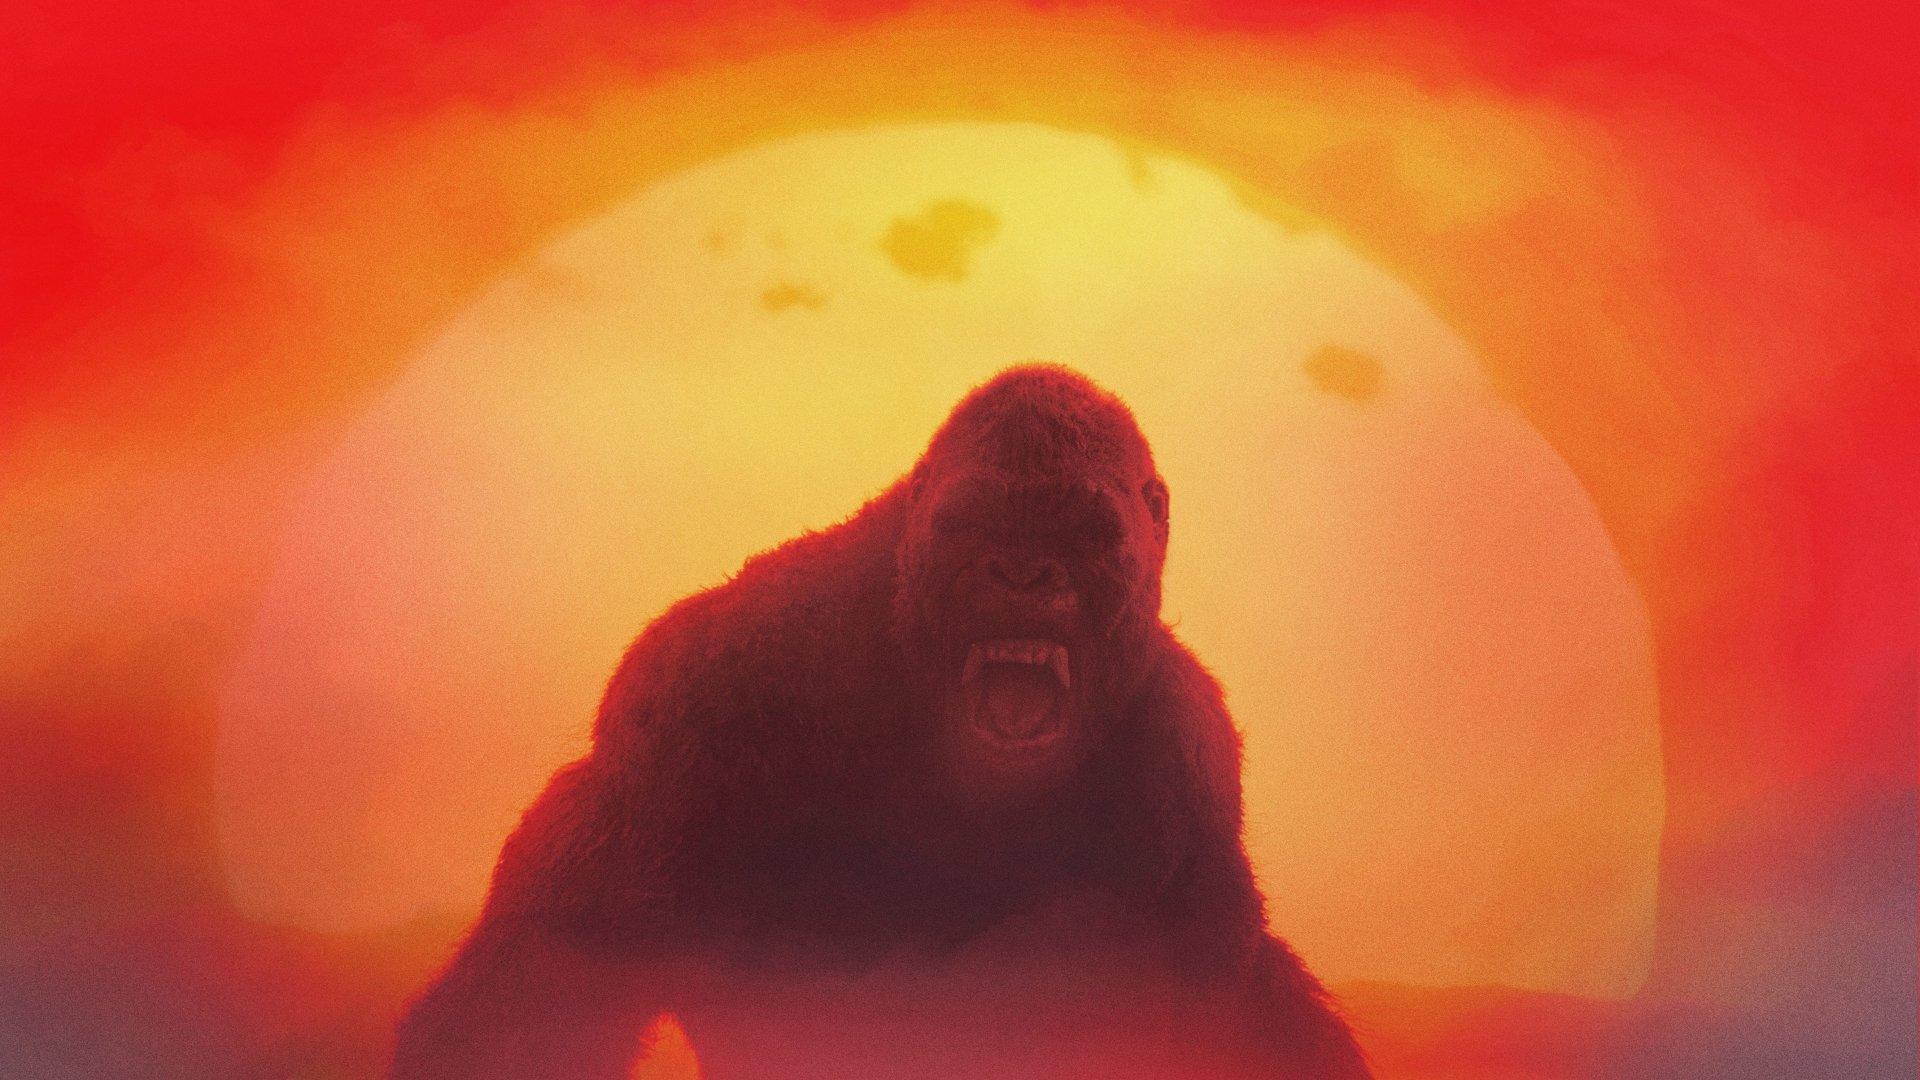 Movie - Kong: Skull Island  Wallpaper